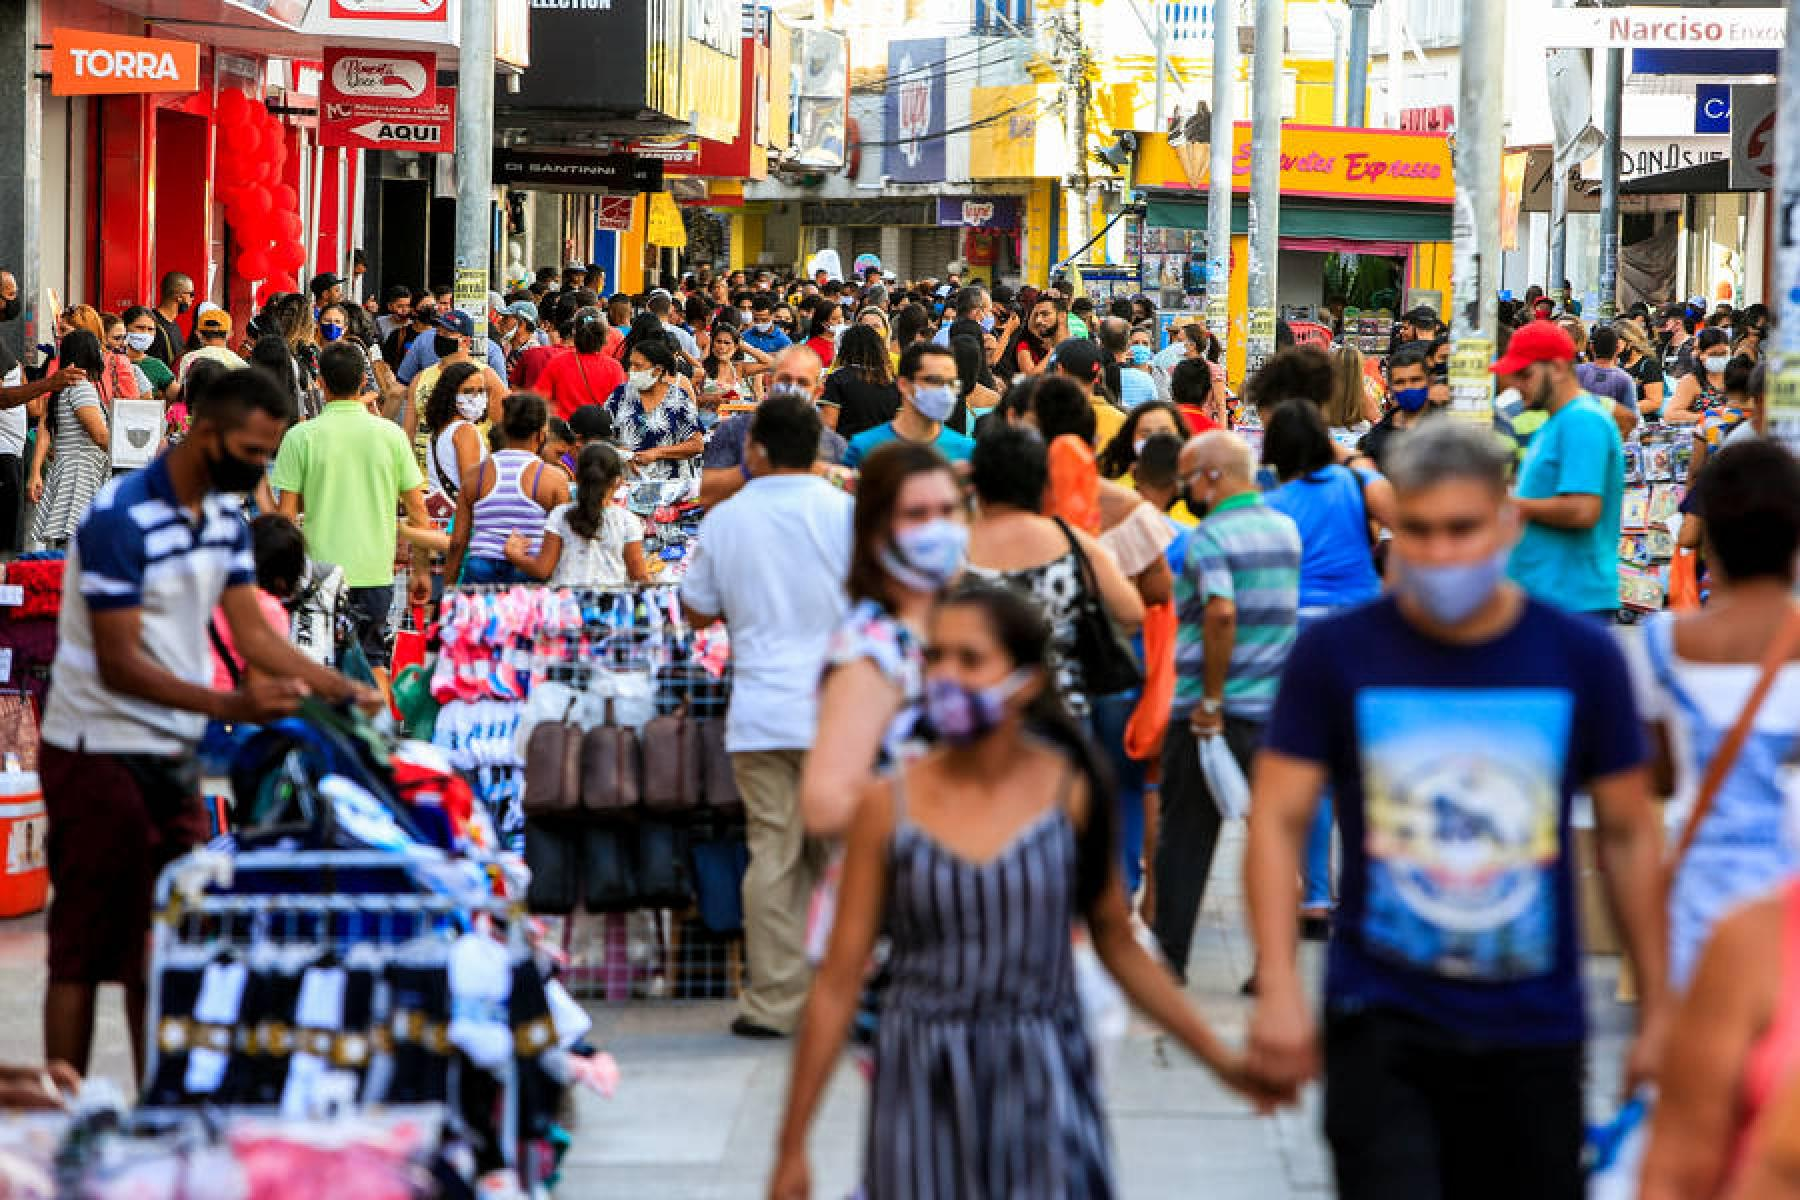 Setores econômicos de alagoas cresceram 26% em agosto, aponta boletim da Sefaz